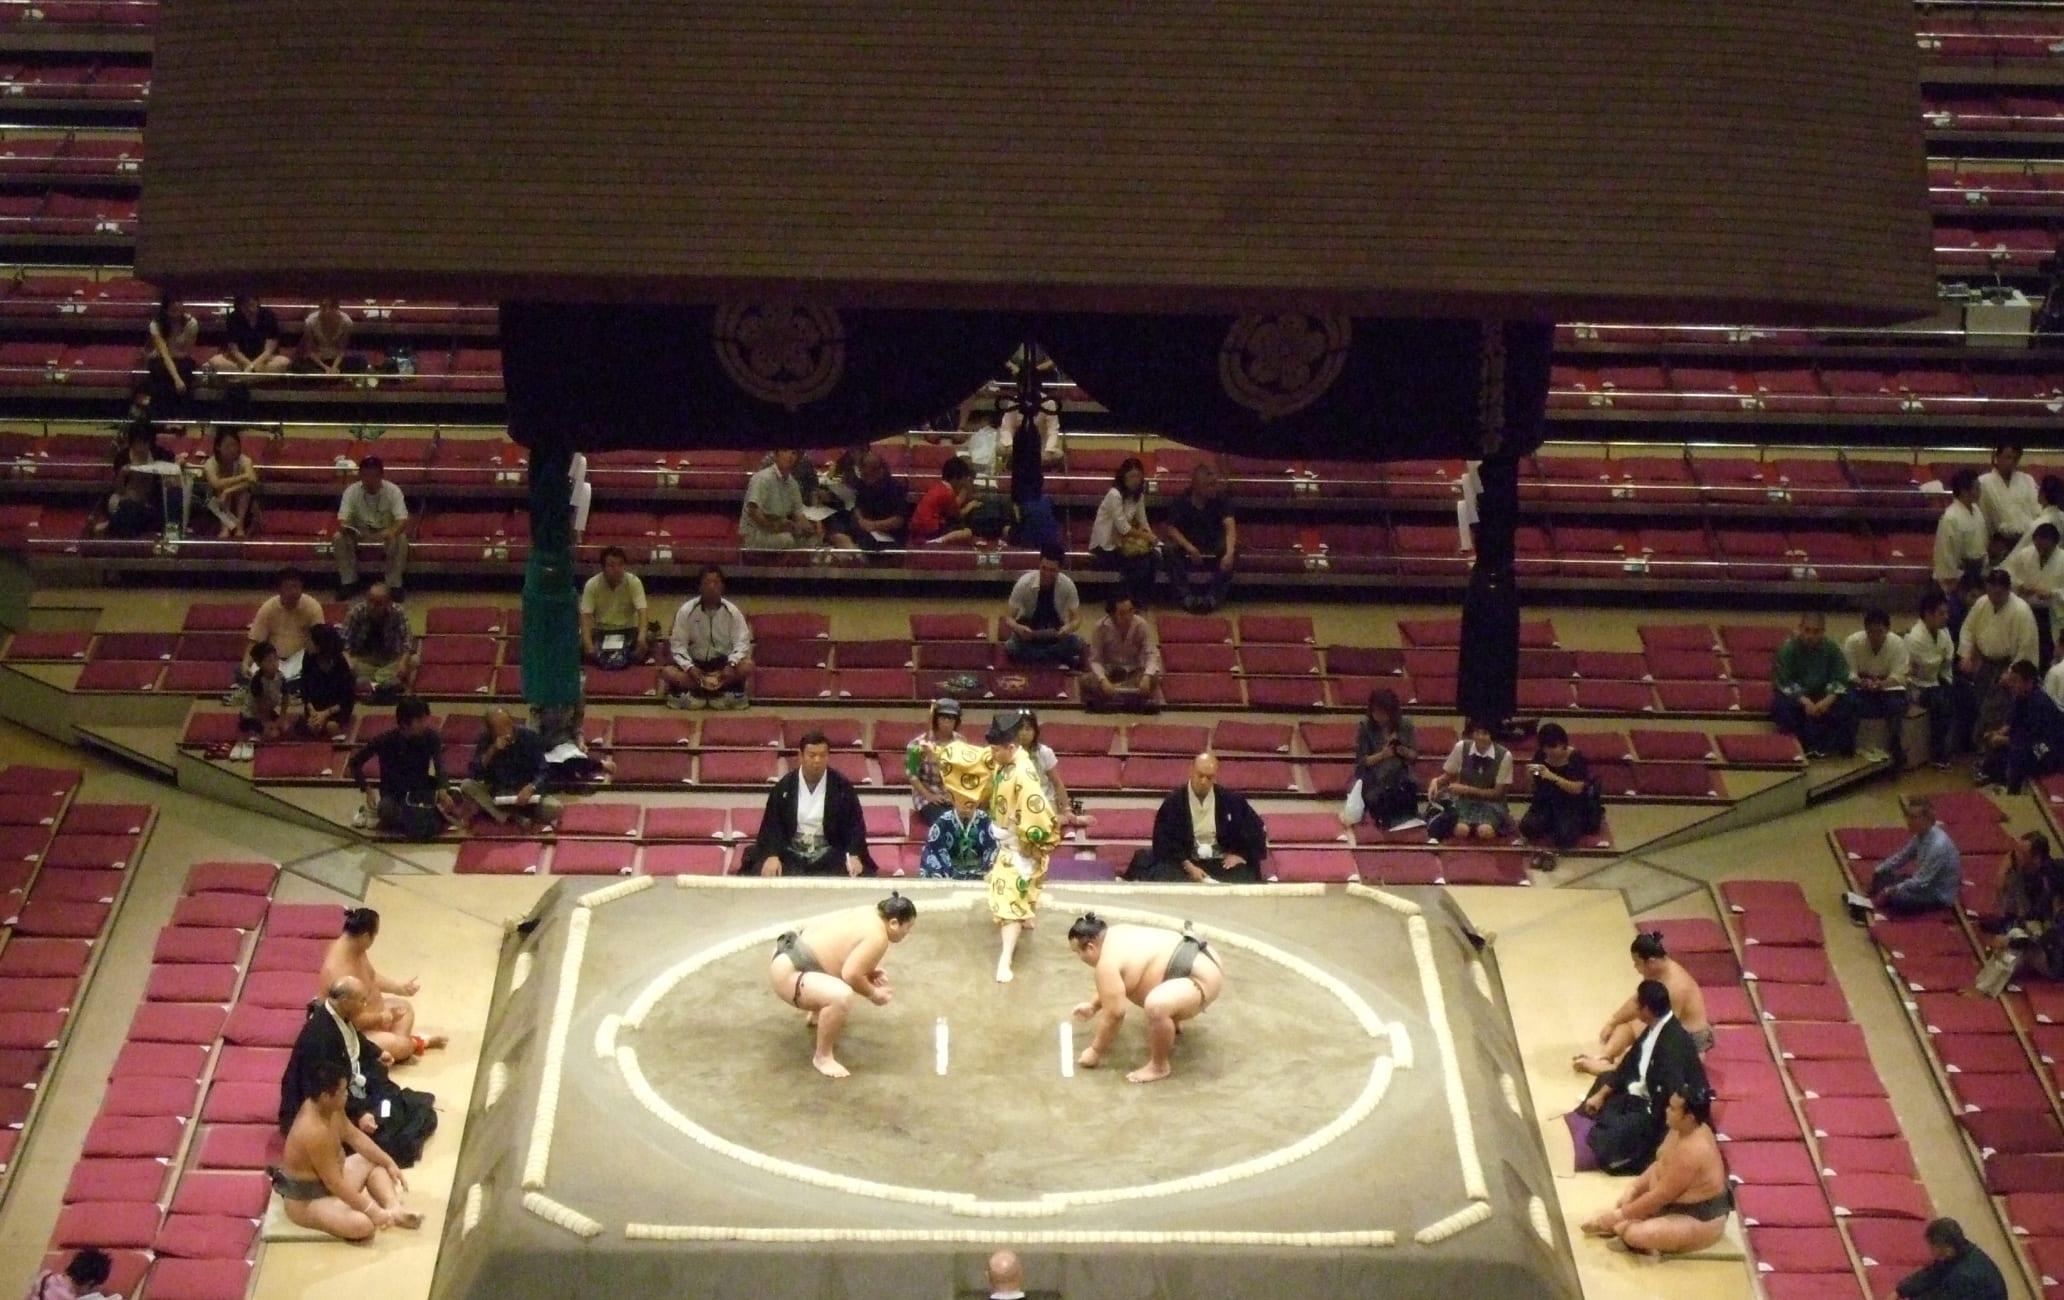 Ryogoku Kokugikan -sumo stadium